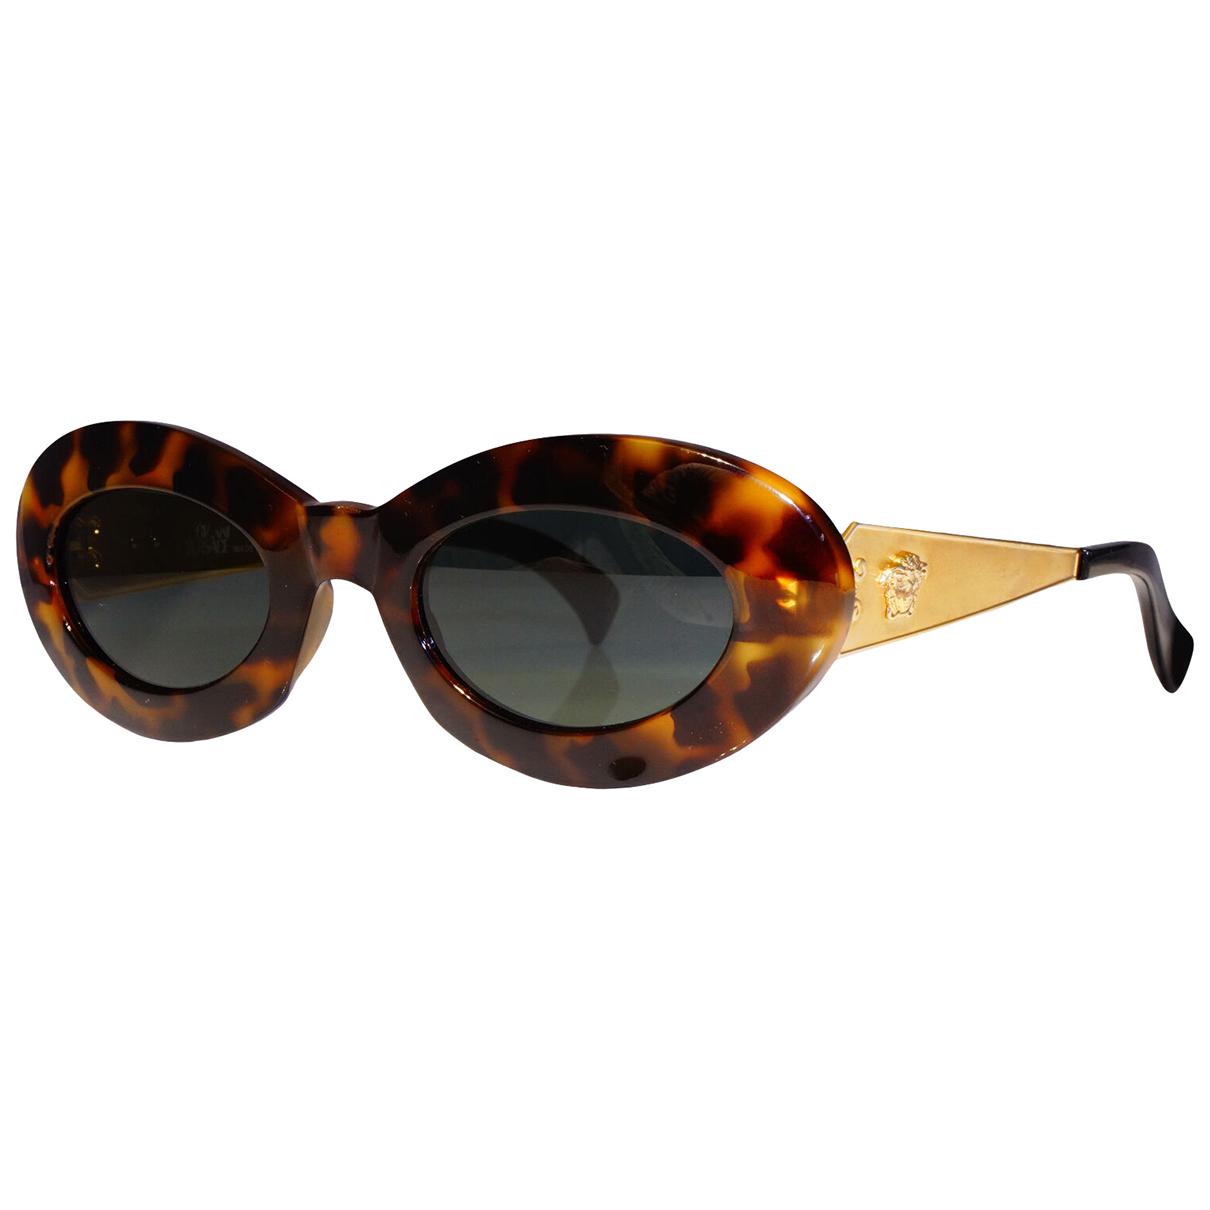 Gianni Versace - Lunettes   pour femme - dore